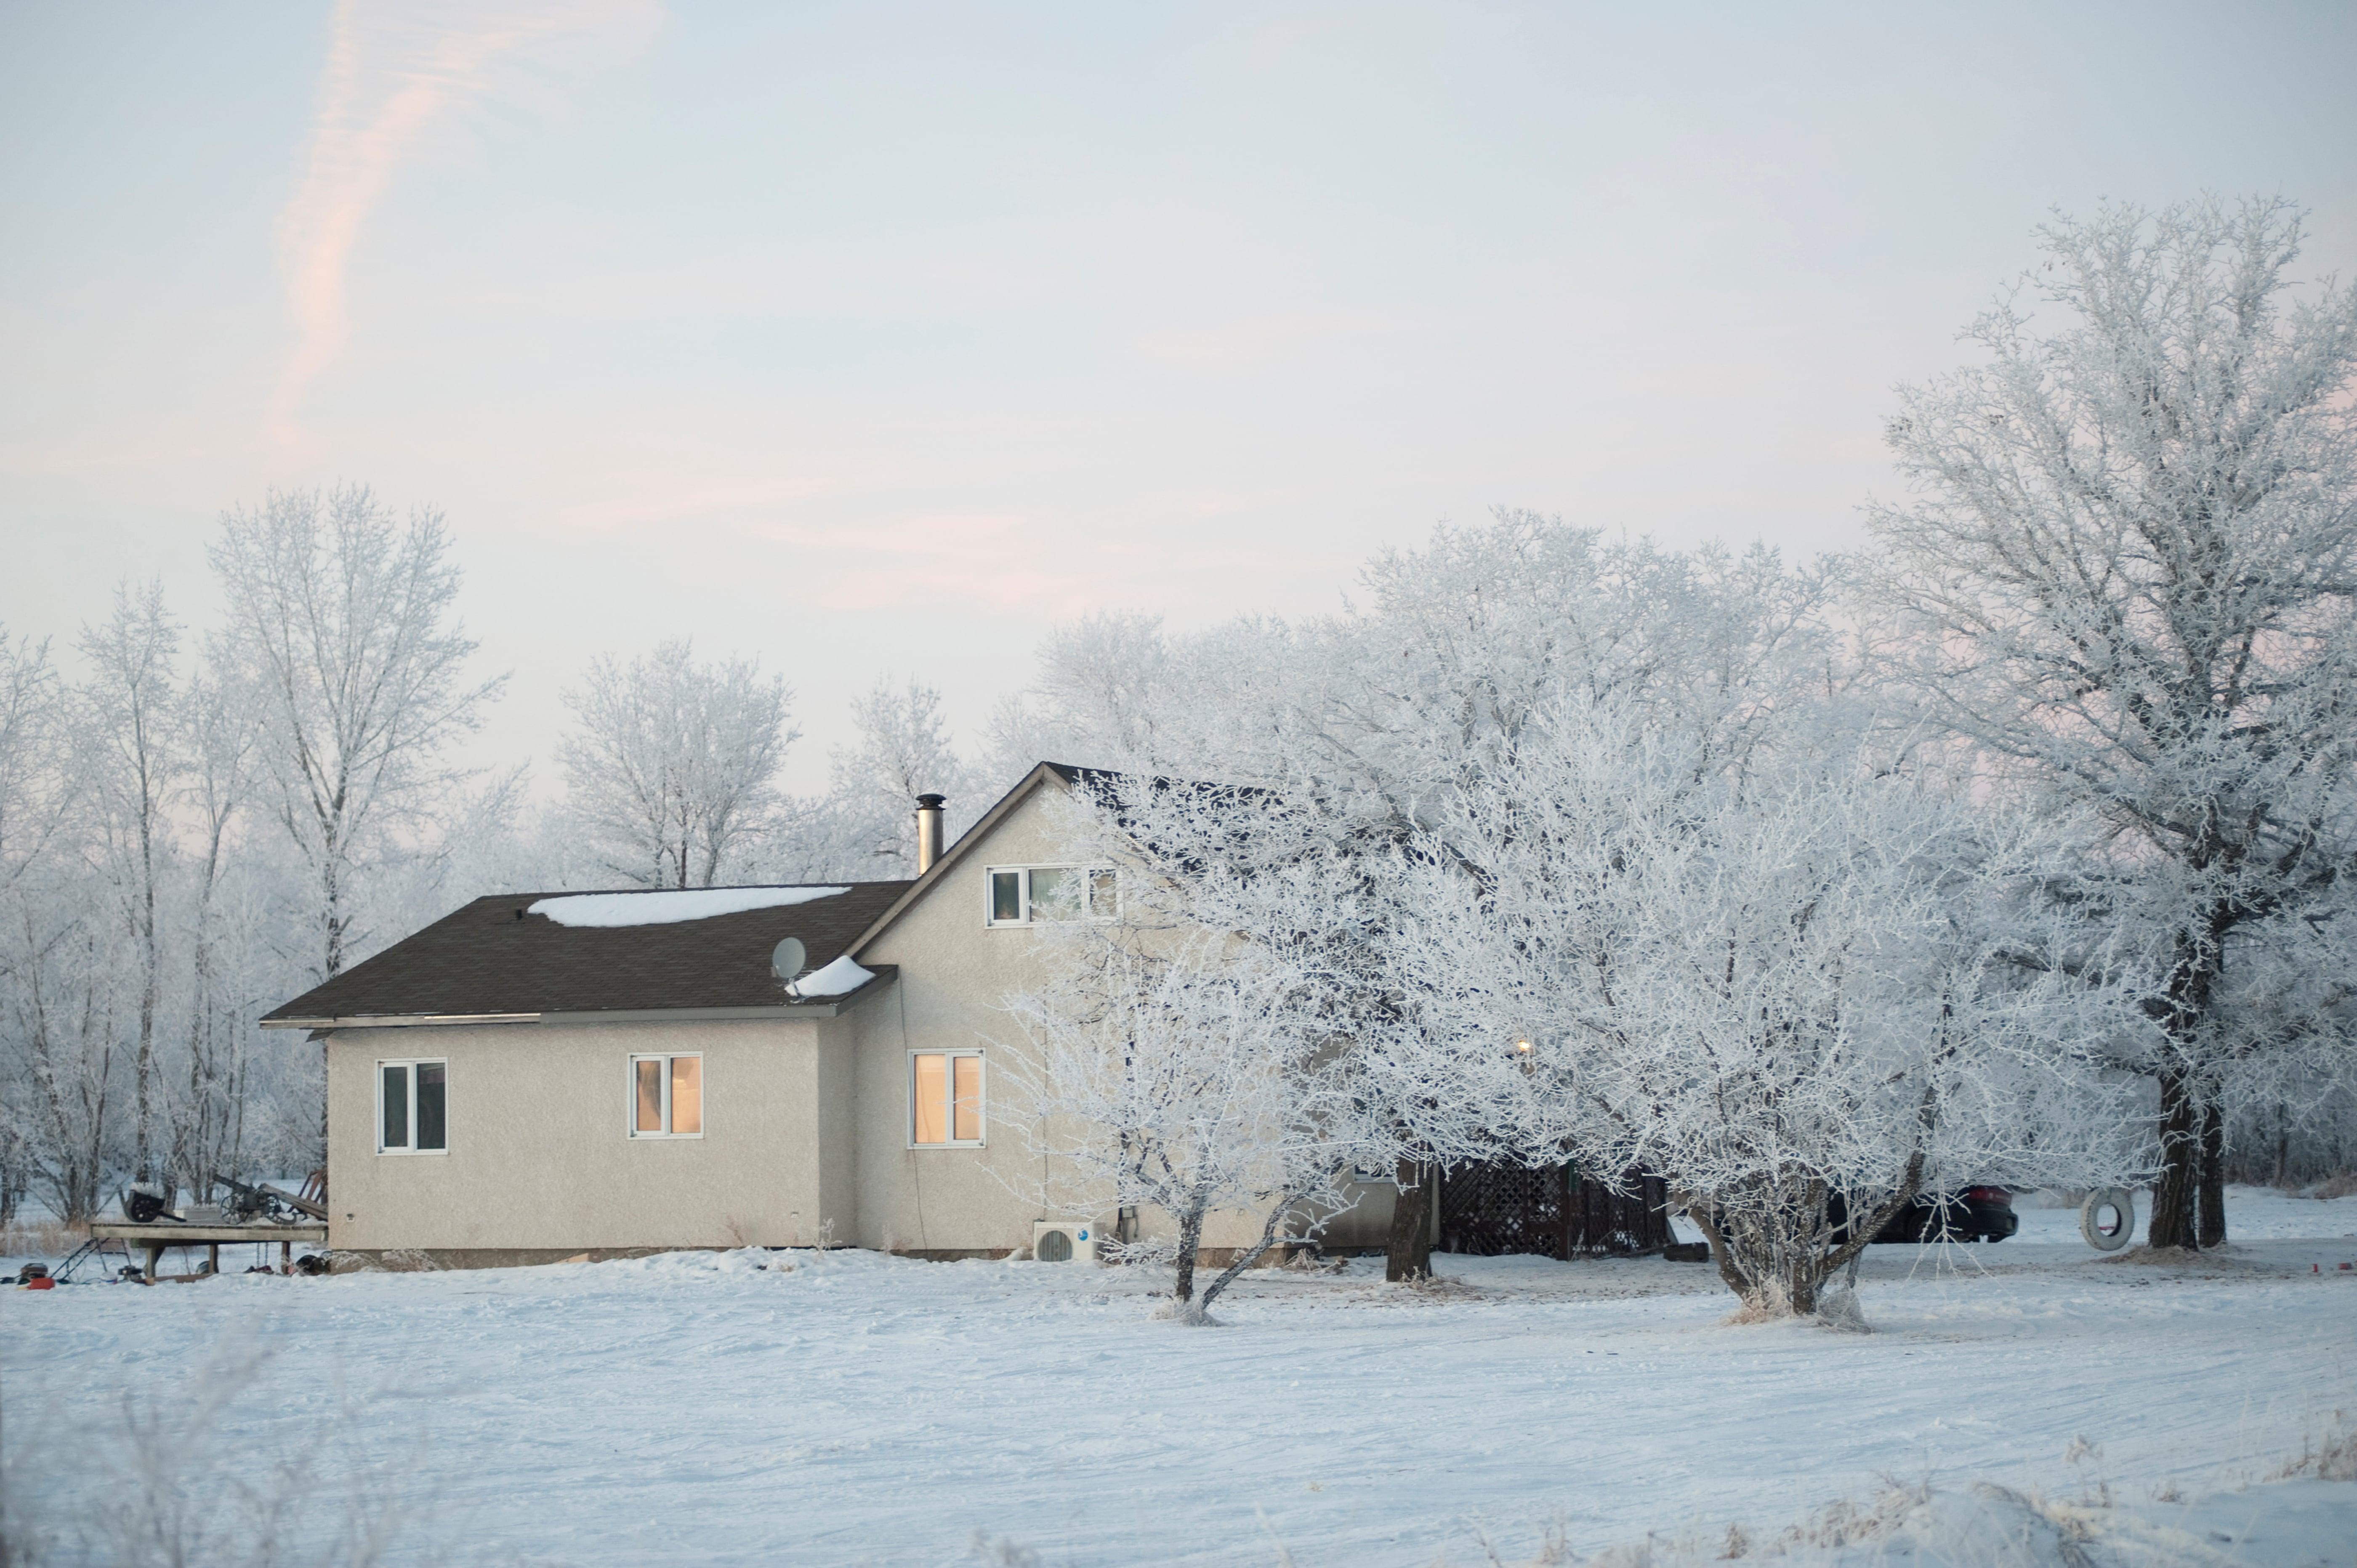 Canada winter building materials